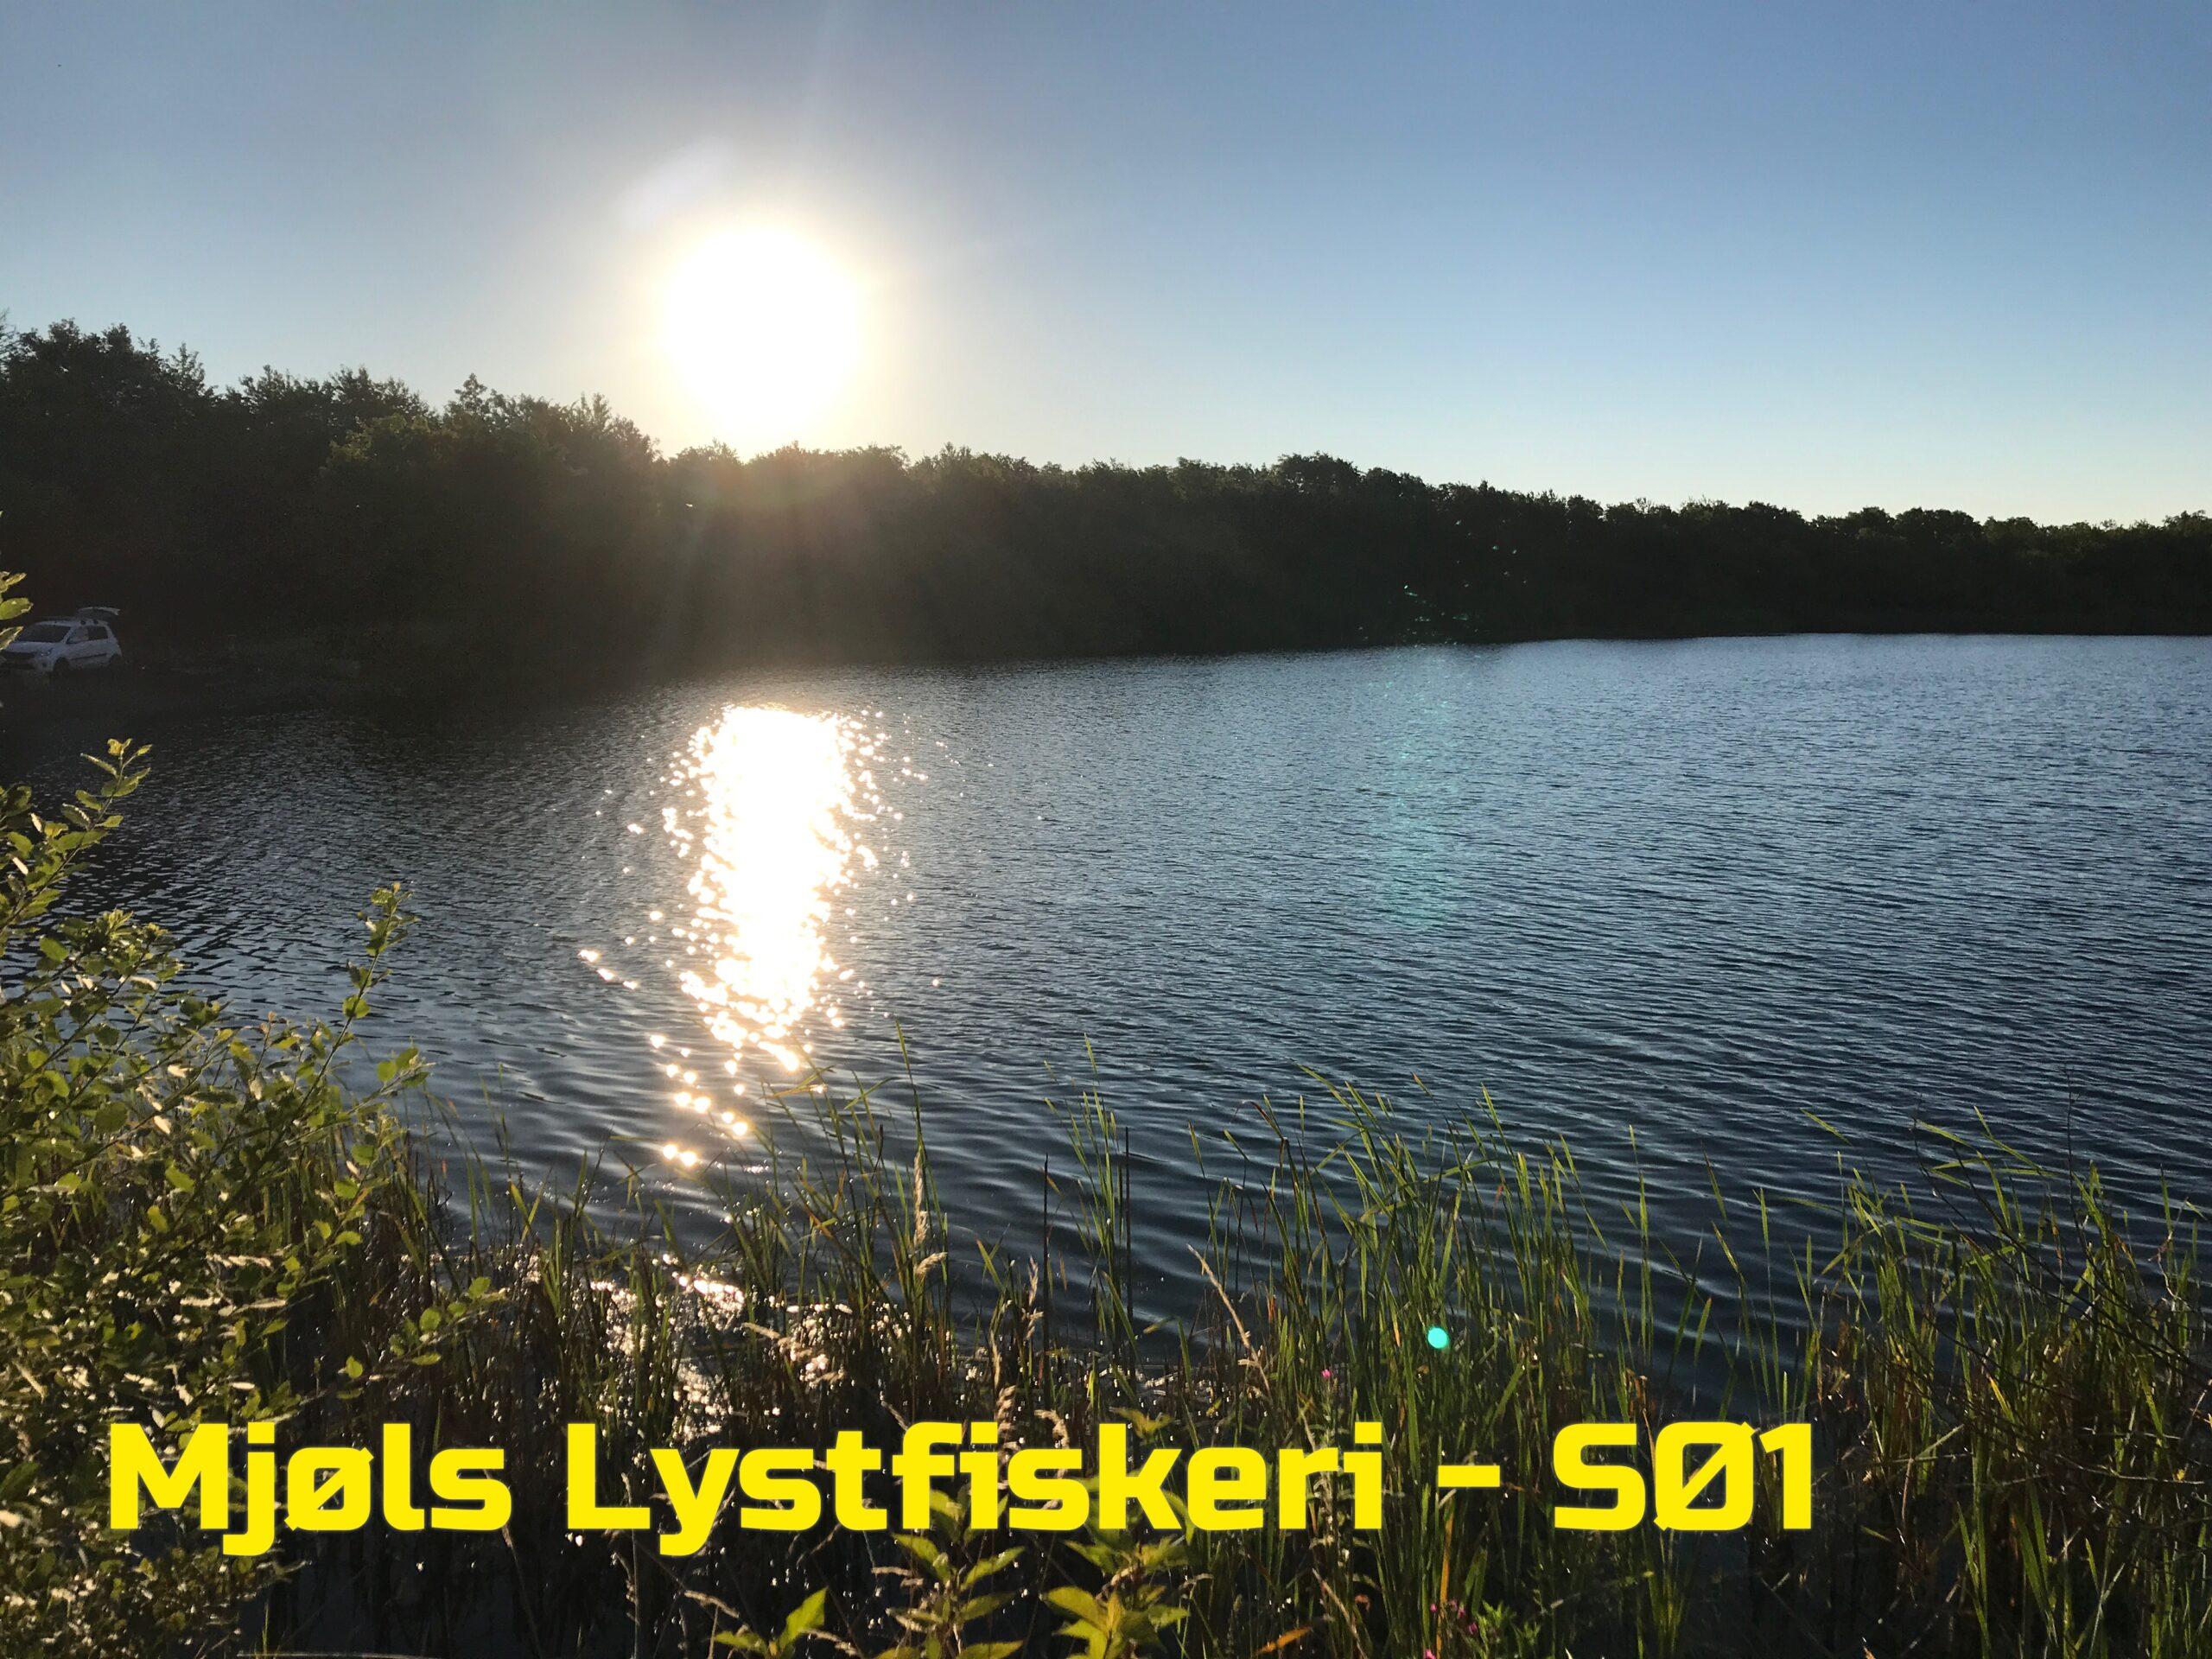 Fantastisk vejr – lige til en fisketur i Mjøls Lystfiskeri